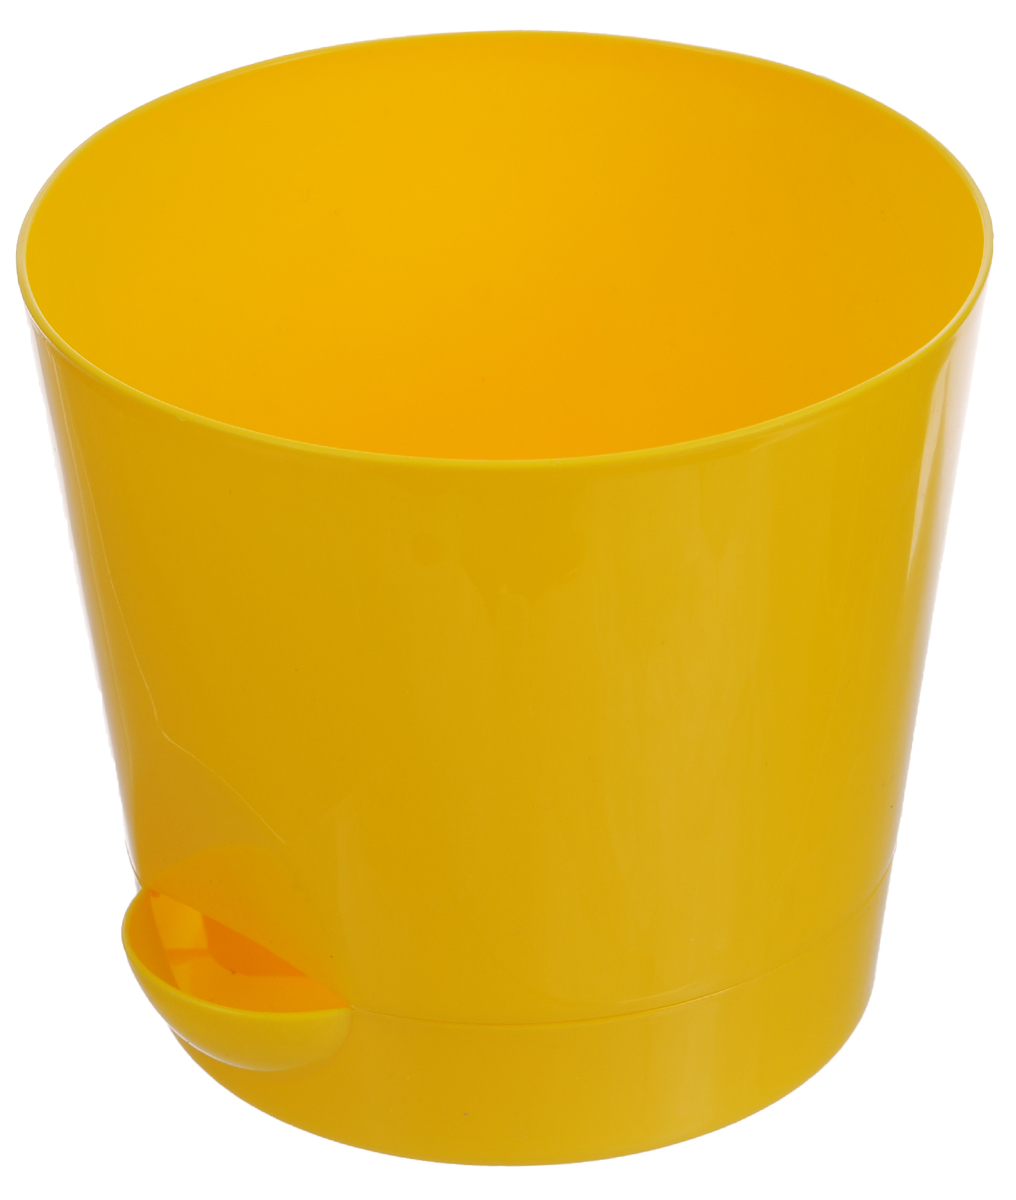 Кашпо Idea Ника, с прикорневым поливом, с поддоном, цвет: желтый, 800 млМ 3071_желтыйЛюбой, даже самый современный и продуманный интерьер будет не завершенным без растений. Они не только очищают воздух и насыщают его кислородом, но и заметно украшают окружающее пространство. Такому полезному члену семьи просто необходимо красивое и функциональное кашпо, оригинальный горшок или необычная ваза! Мы предлагаем - Кашпо с прикорневым поливом d=12 см Ника 800 мл, цвет желтый! Оптимальный выбор материала - это пластмасса! Почему мы так считаем? Малый вес. С легкостью переносите горшки и кашпо с места на место, ставьте их на столики или полки, подвешивайте под потолок, не беспокоясь о нагрузке. Простота ухода. Пластиковые изделия не нуждаются в специальных условиях хранения. Их легко чистить достаточно просто сполоснуть теплой водой. Никаких царапин. Пластиковые кашпо не царапают и не загрязняют поверхности, на которых стоят. Пластик дольше хранит влагу, а значит растение реже нуждается в поливе. Пластмасса не пропускает воздух корневой системе растения не грозят резкие перепады температур. Огромный выбор форм, декора и расцветок вы без труда подберете что-то, что идеально впишется в уже существующий интерьер. Соблюдая нехитрые правила ухода, вы можете заметно продлить срок службы горшков, вазонов и кашпо из пластика: всегда учитывайте размер кроны и корневой системы растения (при разрастании большое растение способно повредить маленький горшок) берегите изделие от воздействия прямых солнечных лучей, чтобы кашпо и горшки не выцветали держите кашпо и горшки из пластика подальше от нагревающихся поверхностей. Создавайте прекрасные цветочные композиции, выращивайте рассаду или необычные растения, а низкие цены позволят вам не ограничивать себя в выборе.